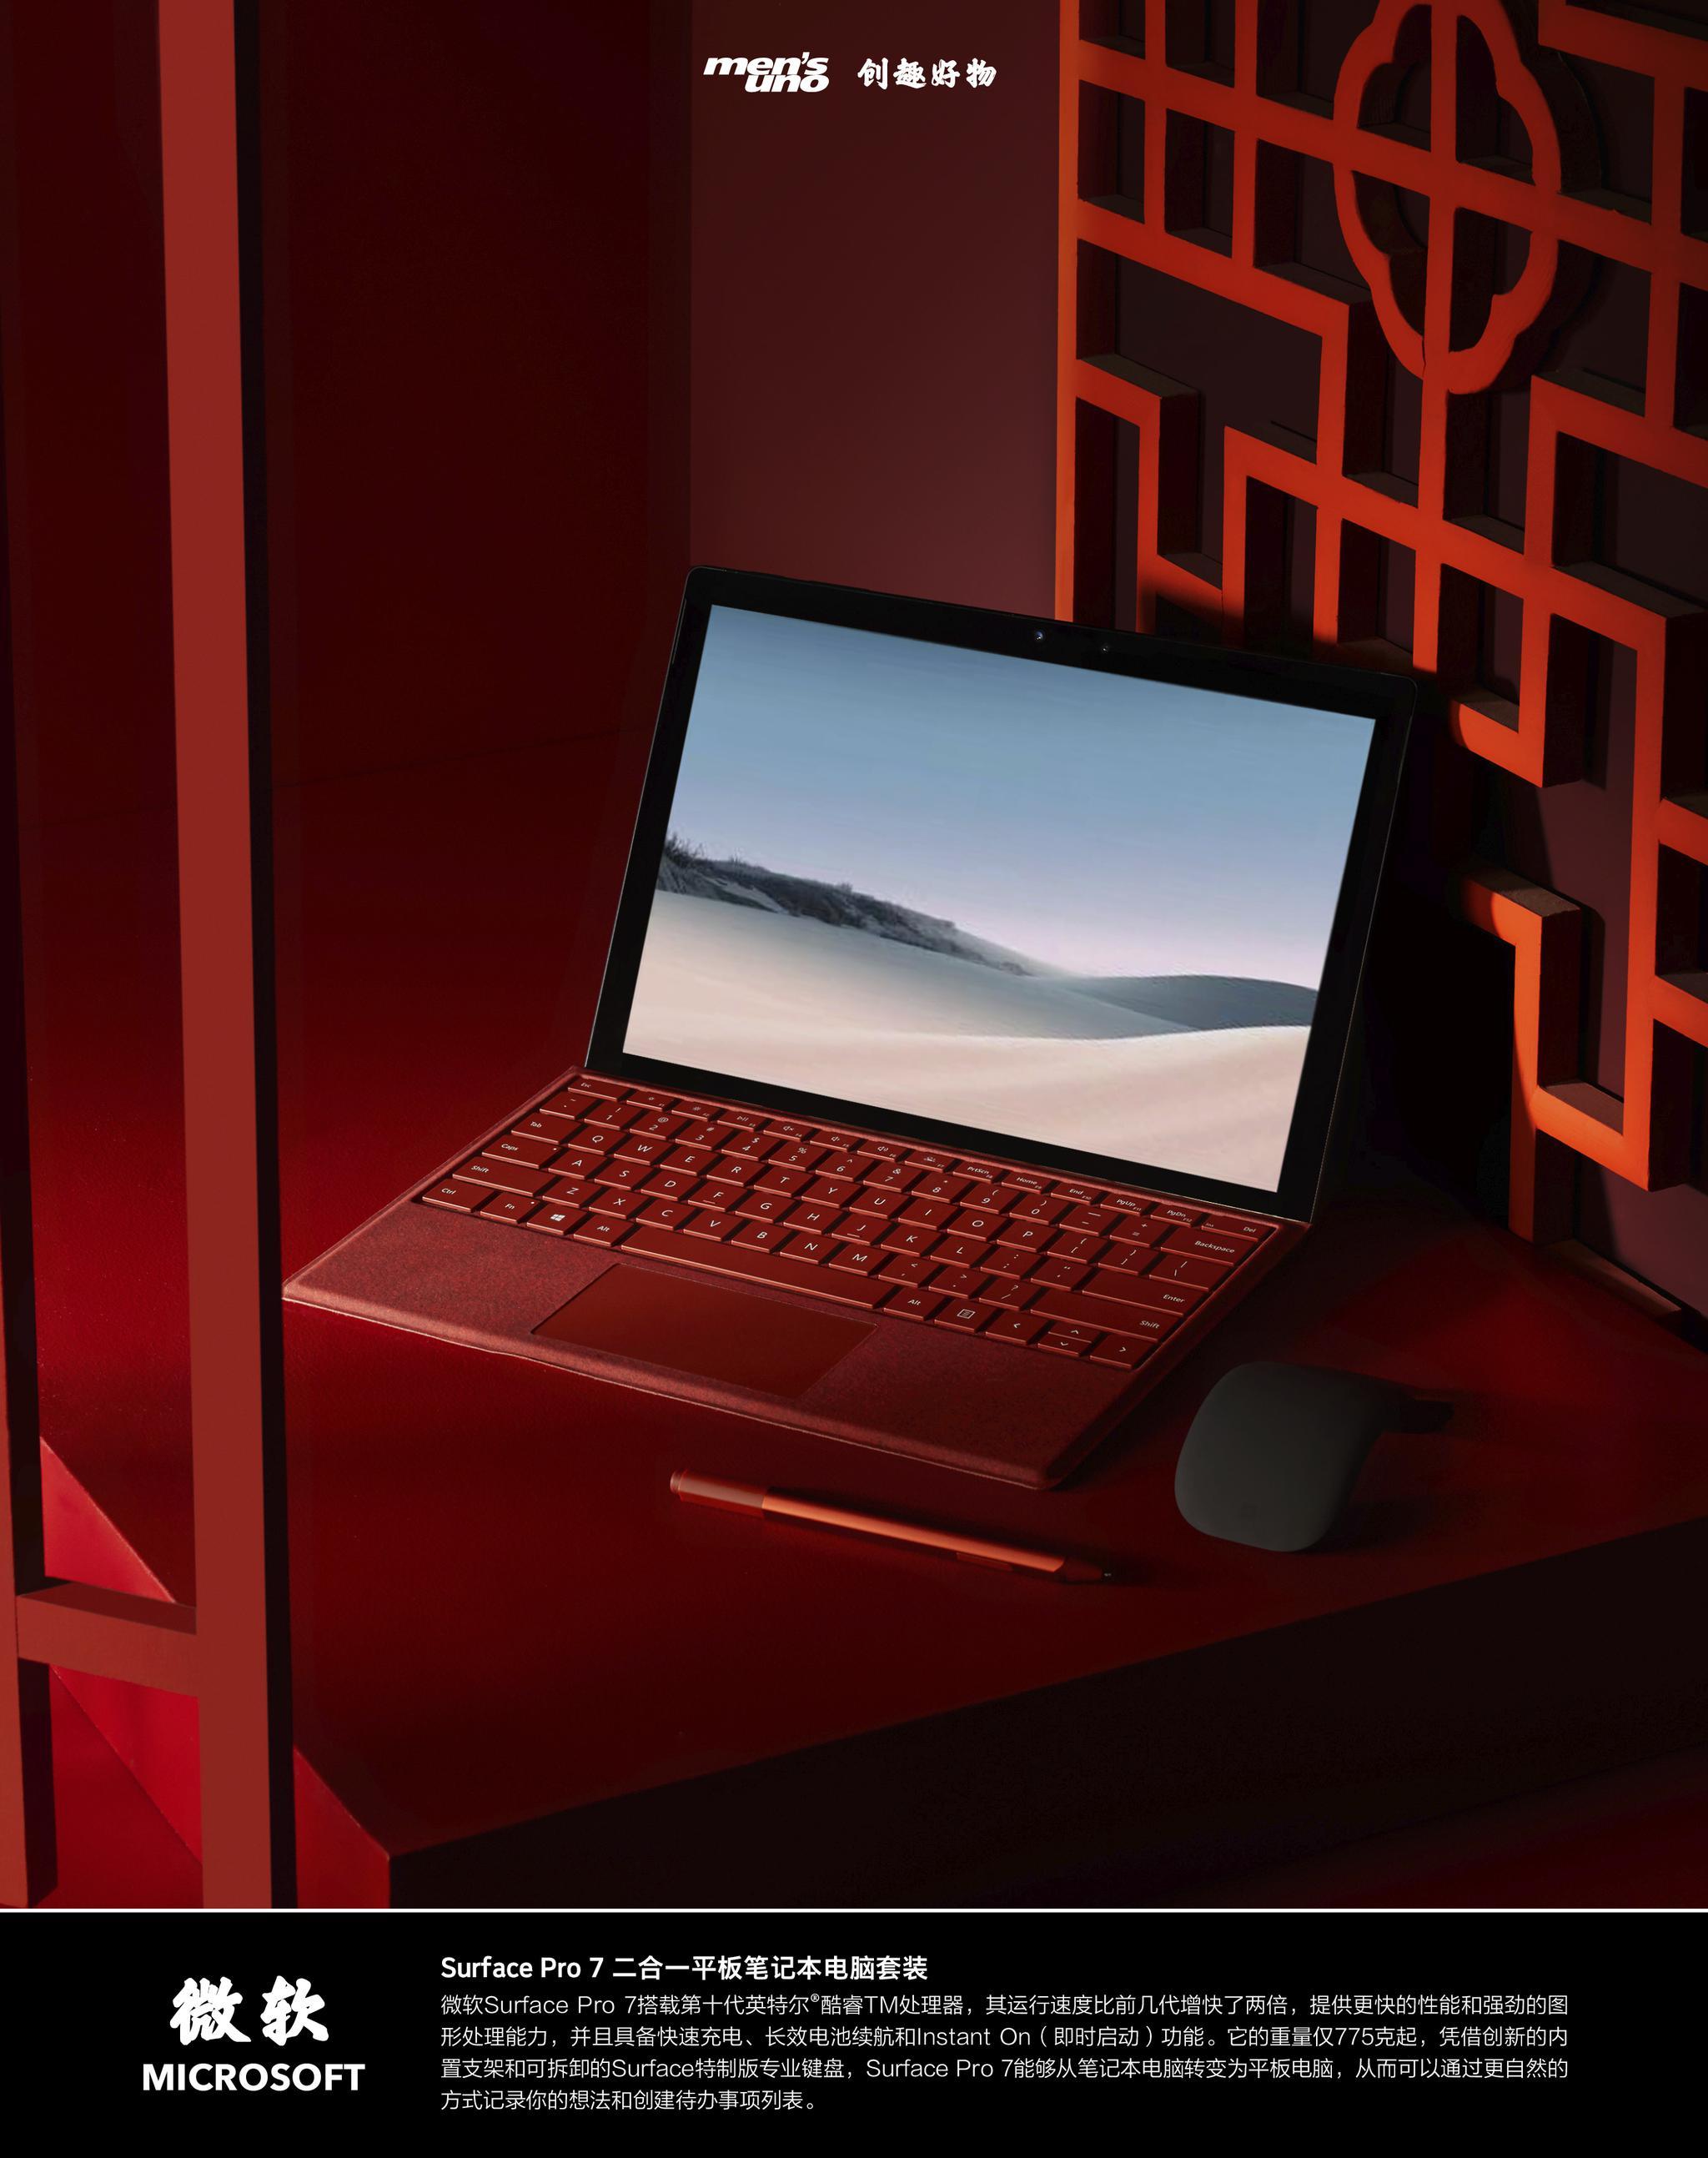 微软Surface Pro 7搭载第十代英特尔®酷睿TM处理器,其运行速度比前几